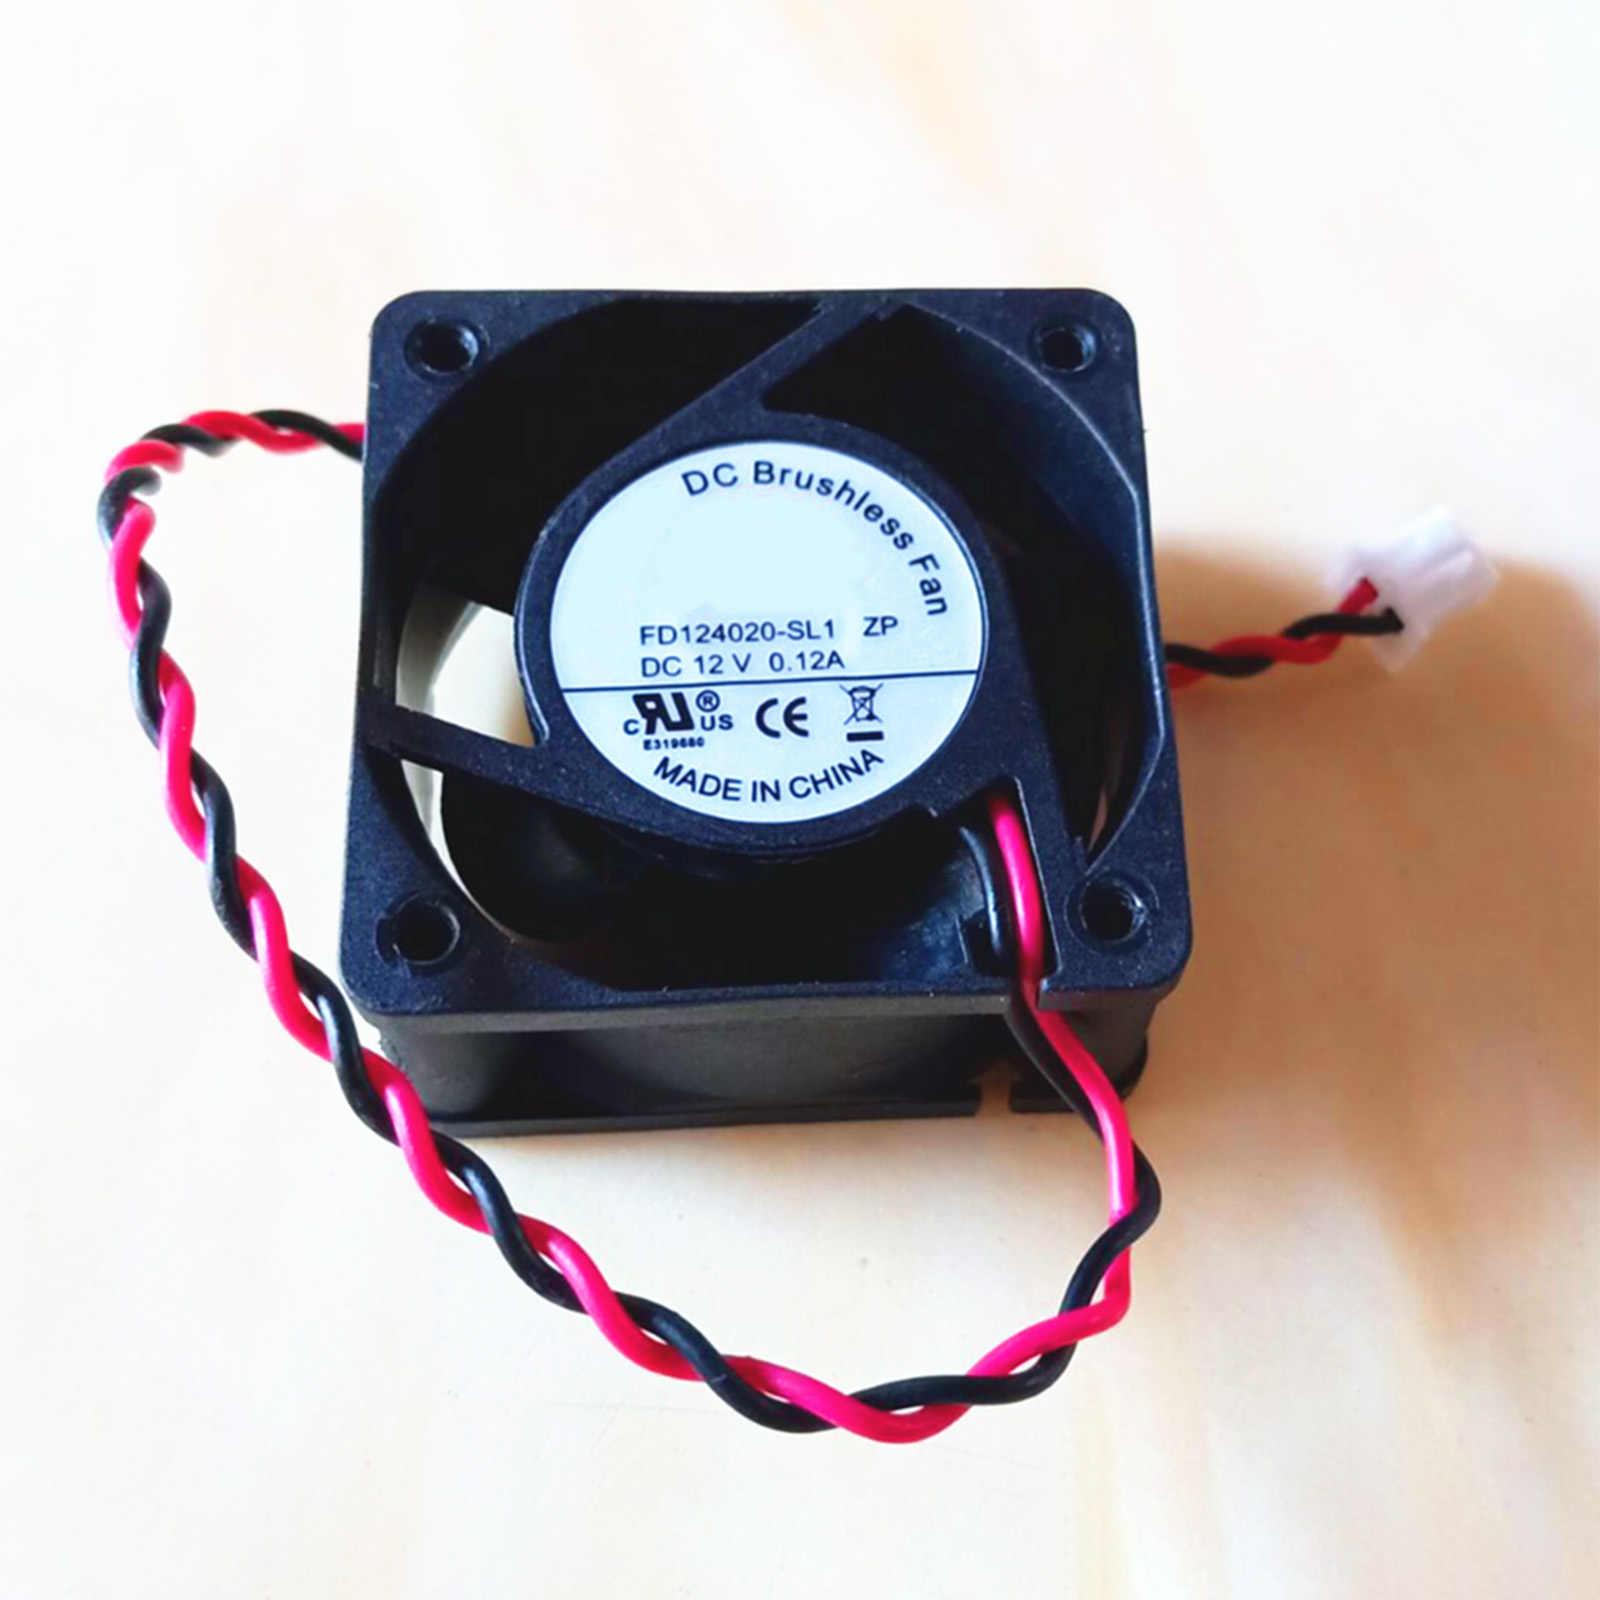 Вентилятор охлаждения FD124020-SL1 ZP для расширение Правлению DC12V 0.12A 2pin 40*40*20 мм